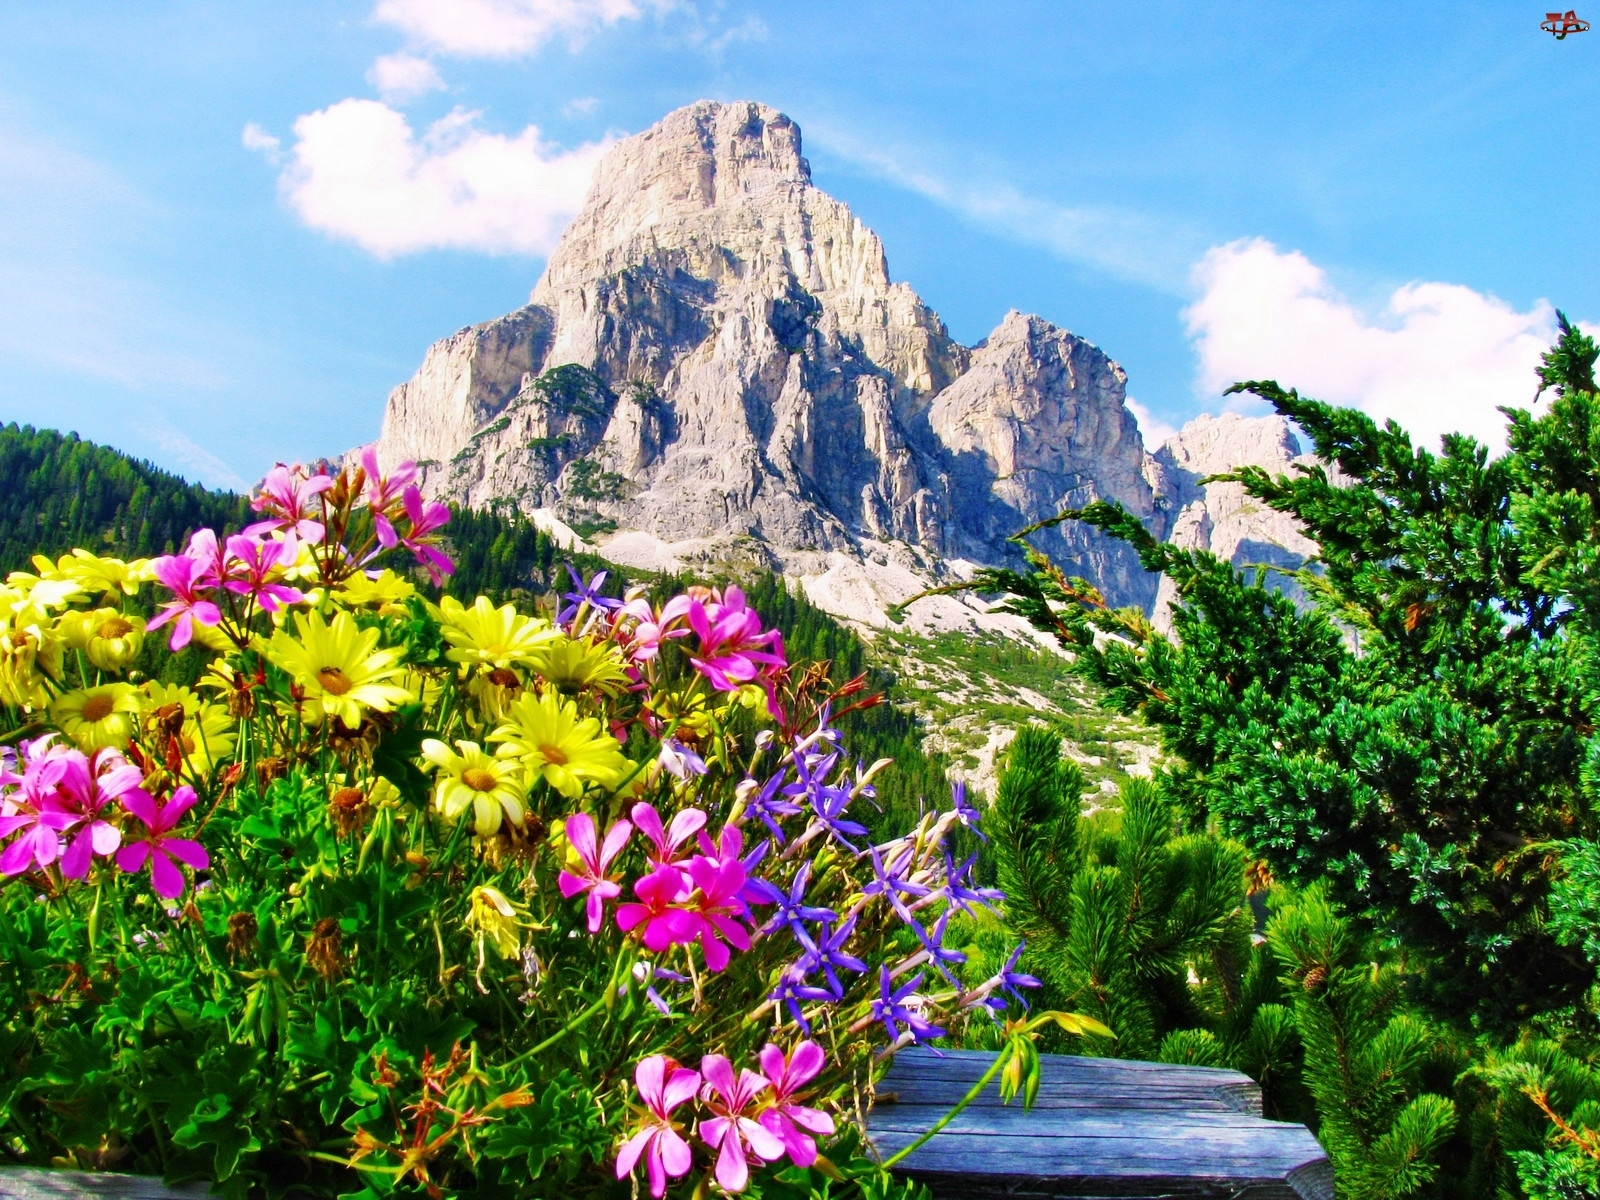 Kwiaty, Góra, Iglaki